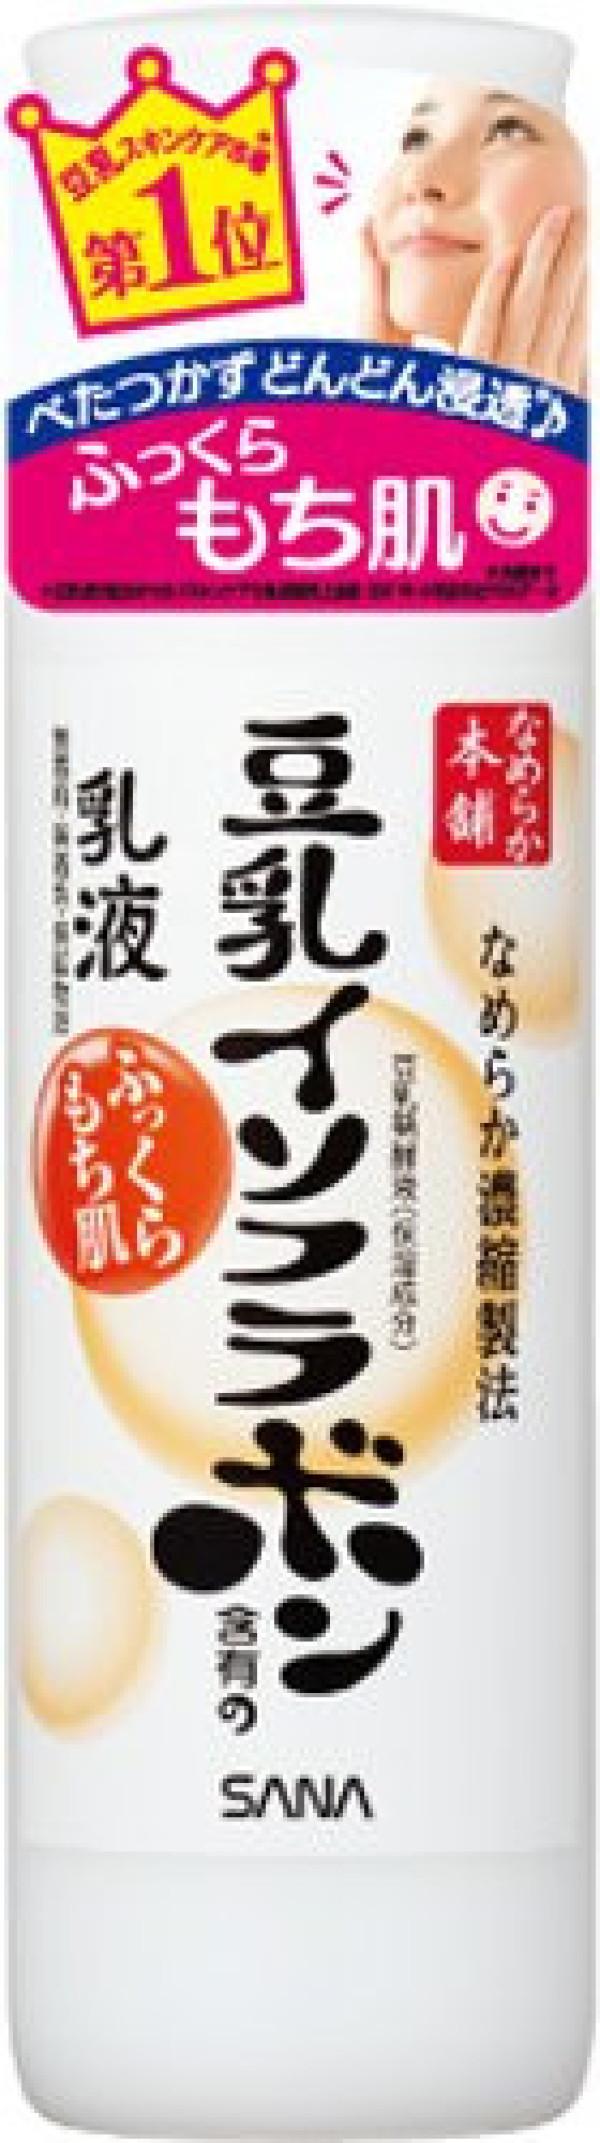 Увлажняющий лосьон Sana Nameraka Honpo Winter Milky Lotion NA